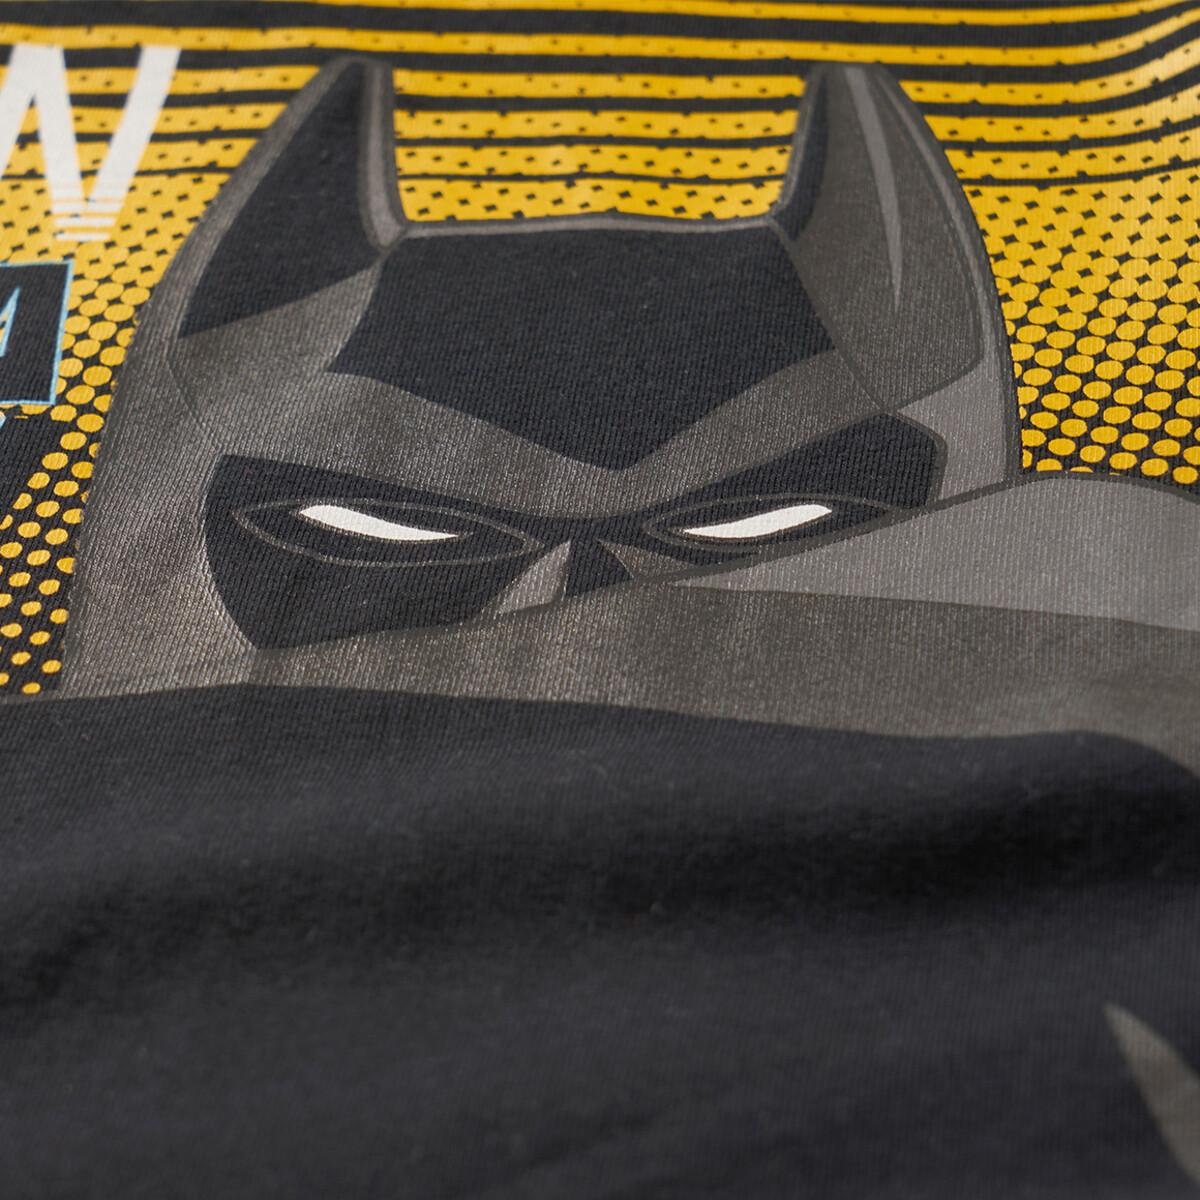 Bild 5 von LEGO The Batman Movie T-Shirt